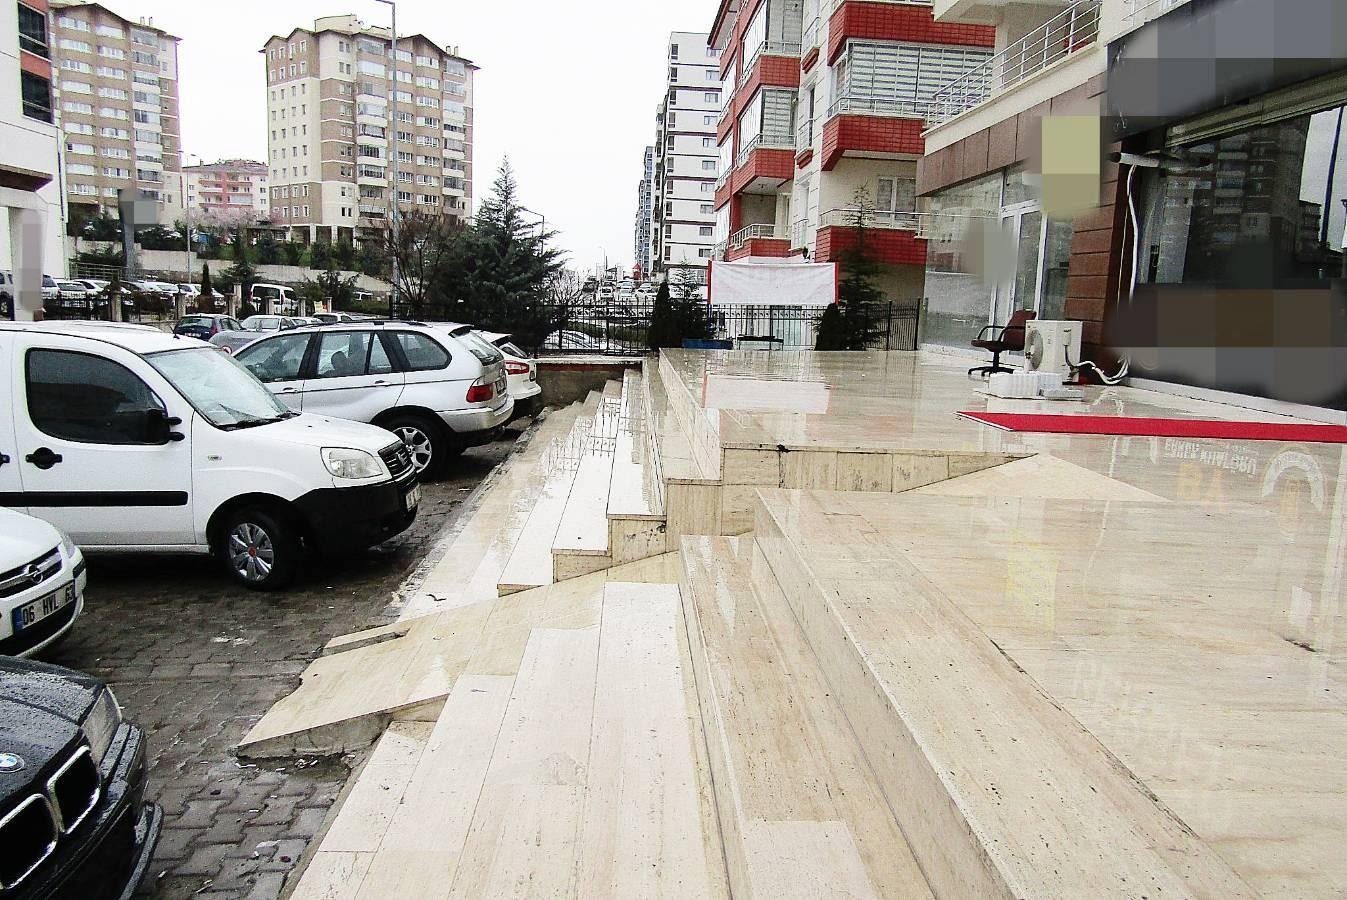 SR EMLAK'TAN AHİMESUT MAH'DE 75m² ULAŞIMA YAKIN SATILIK DÜKKAN